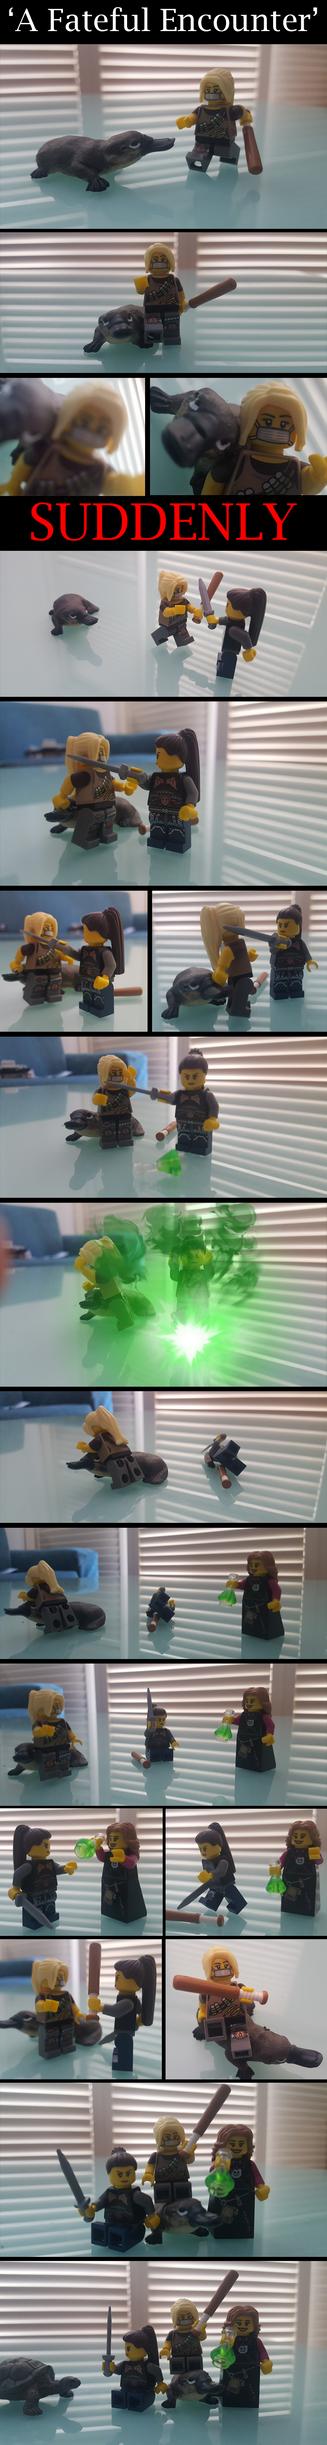 A Fateful Encounter by SuperferretIX